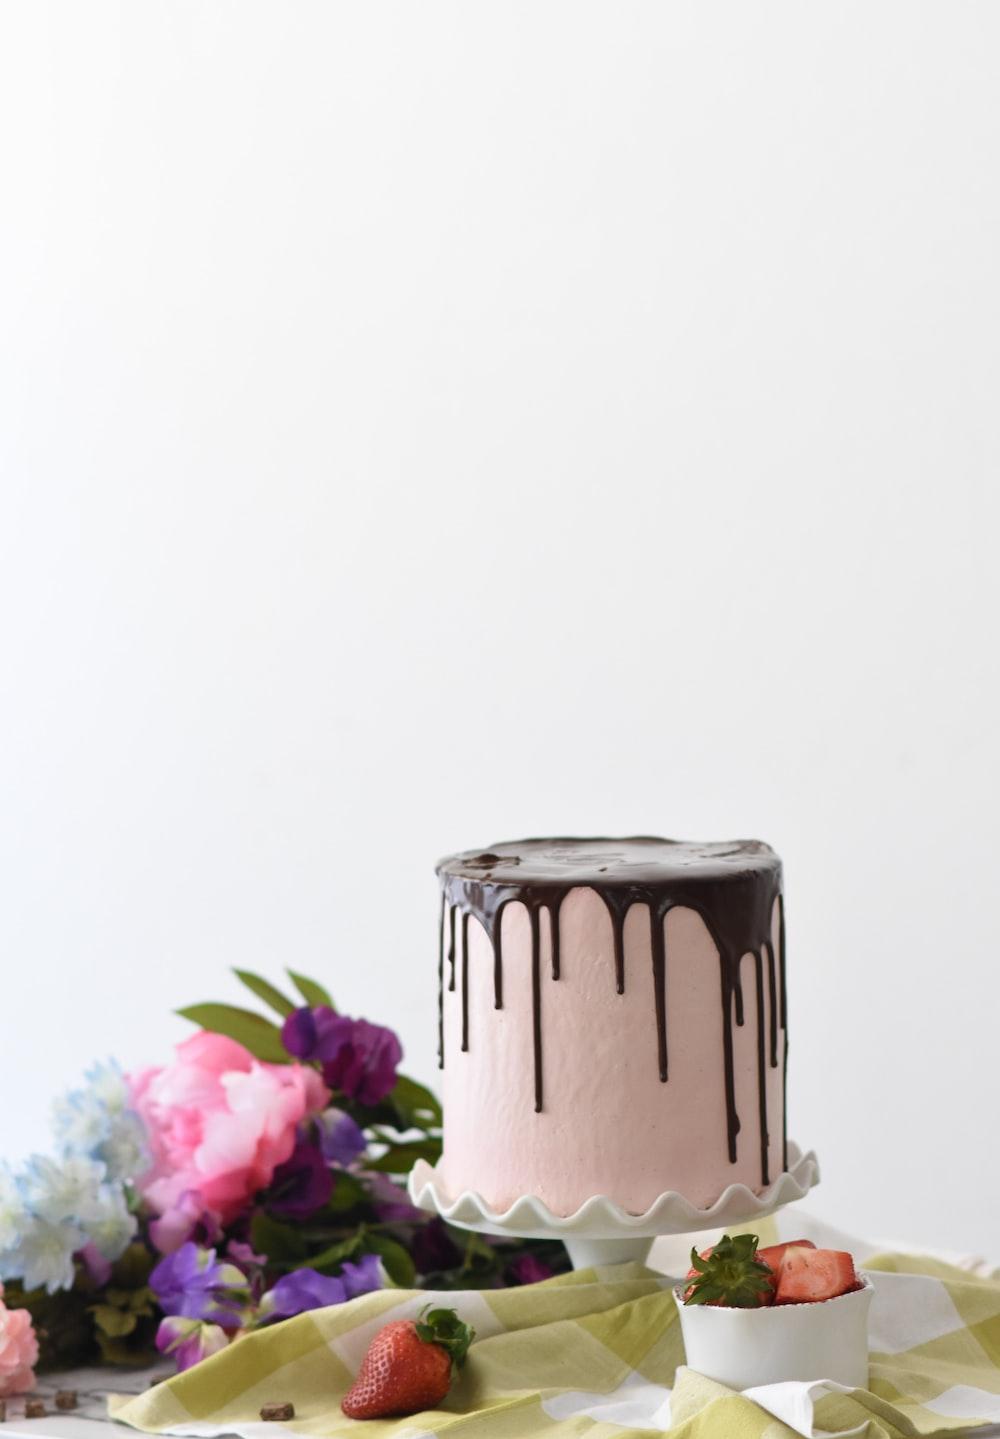 round whipped-cream cake